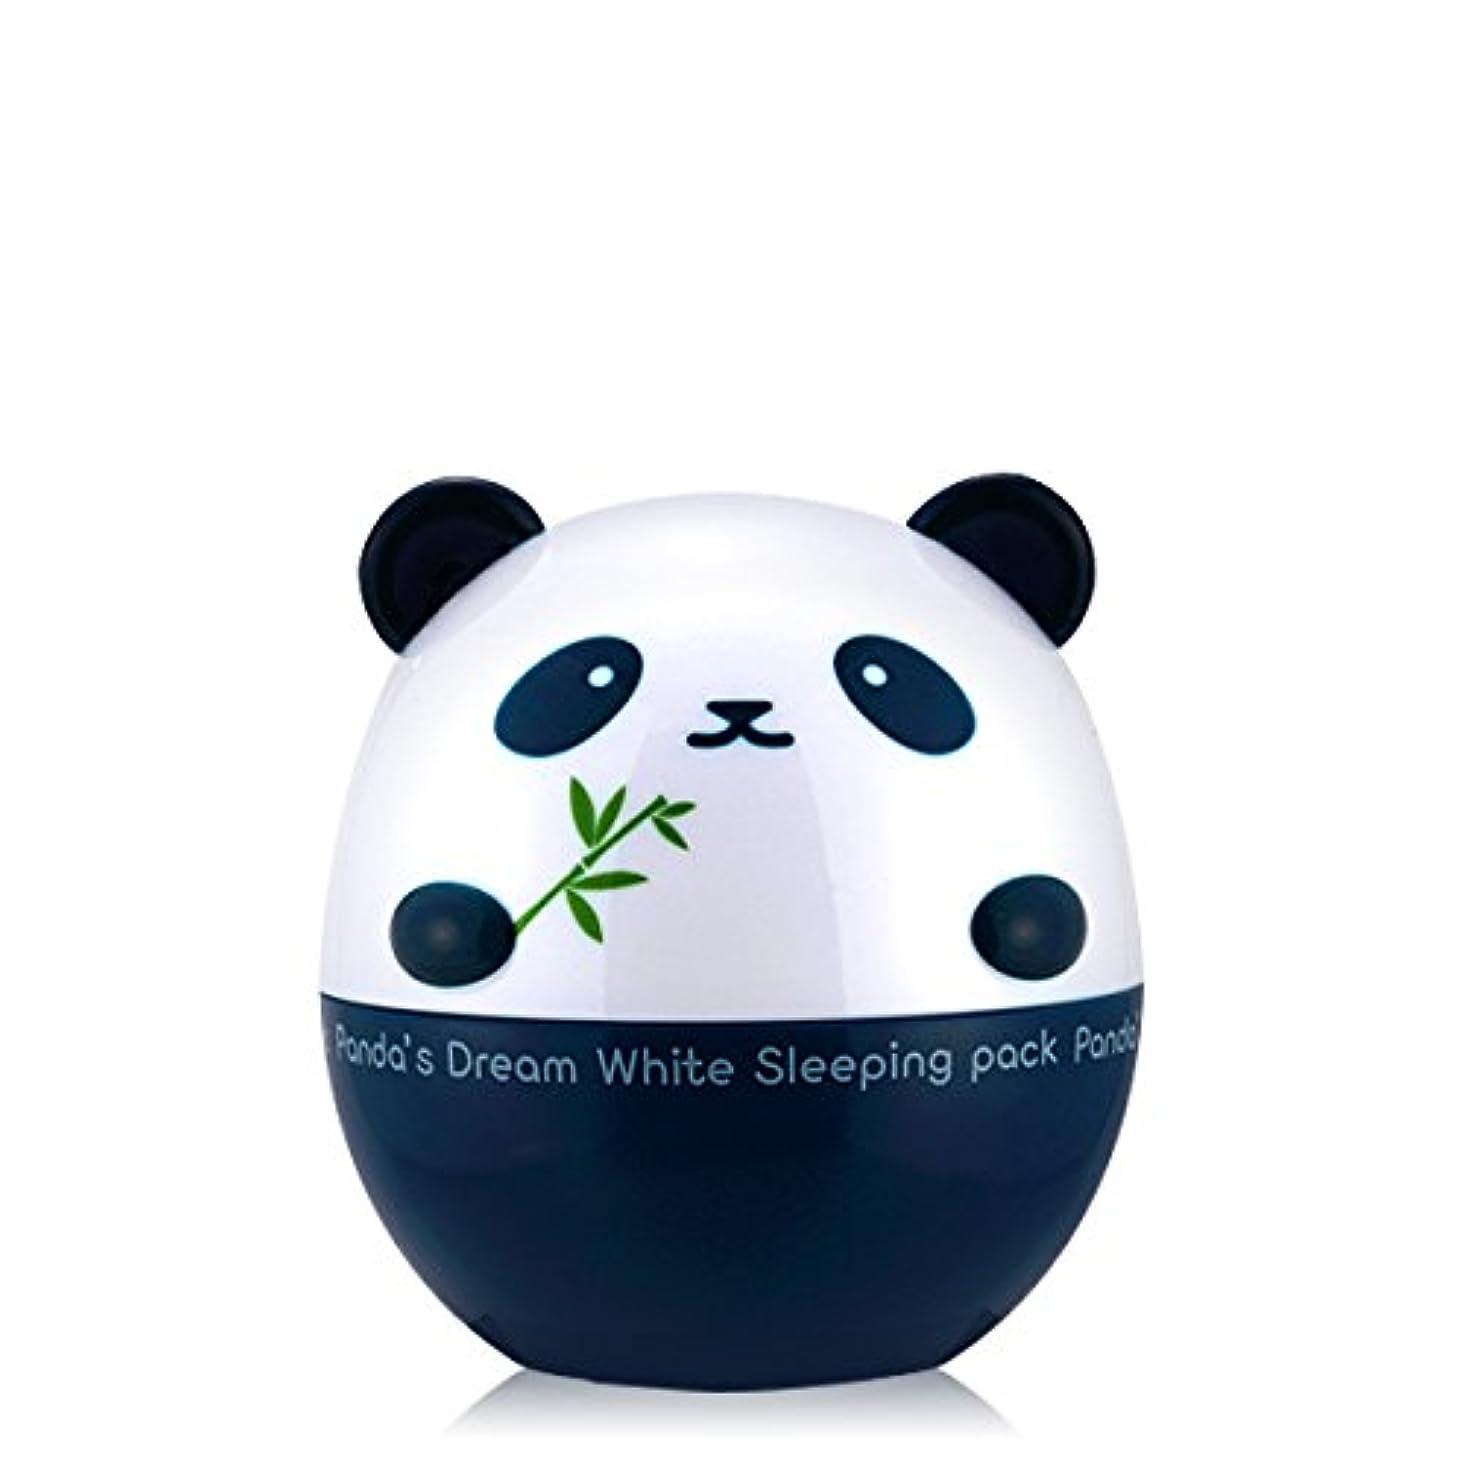 ブラウズ本当のことを言うとコンチネンタル[1+1] TONY MOLY Panda's Dream White Sleeping Pack 50g / トニーモリーパンダーズドリームホワイトスリーピングパック50g / 1.76oz [並行輸入品]